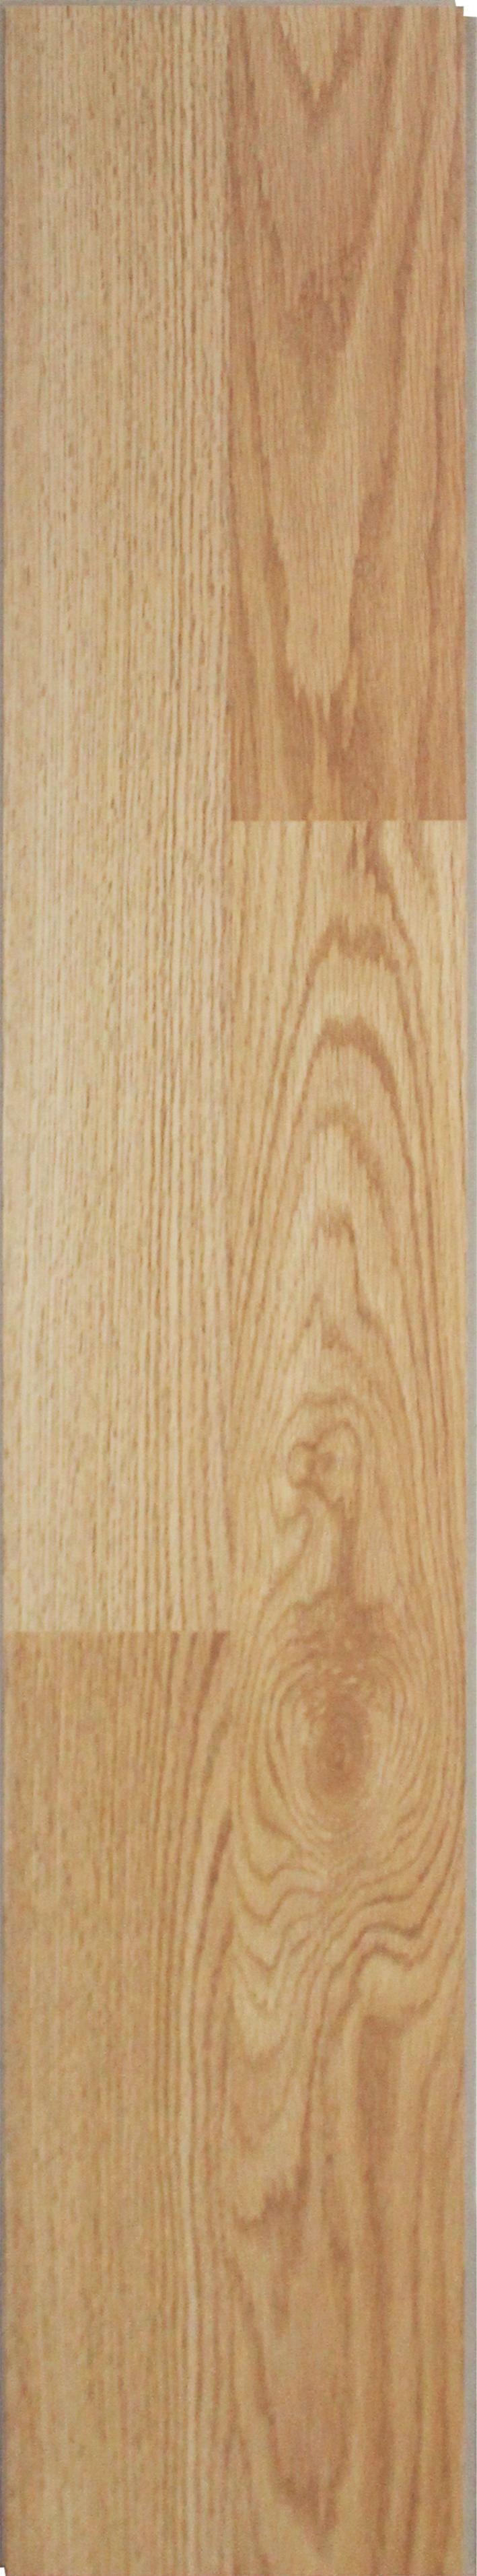 7231-Irish Confort Oak